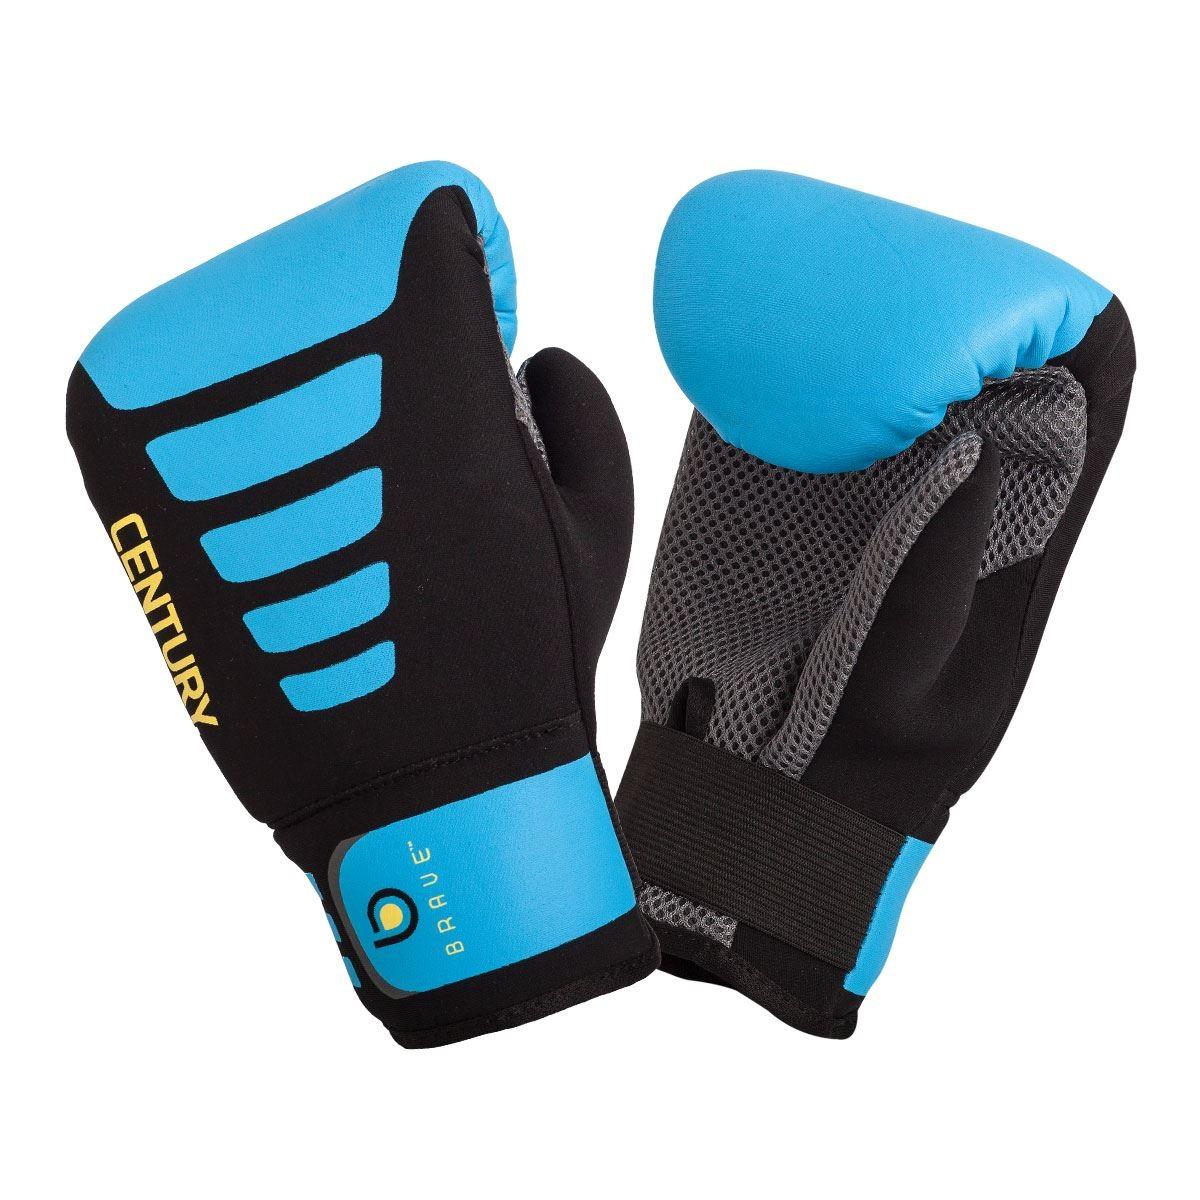 Century Martial Arts BRAVE Neoprene Bag Training Boxing Gloves